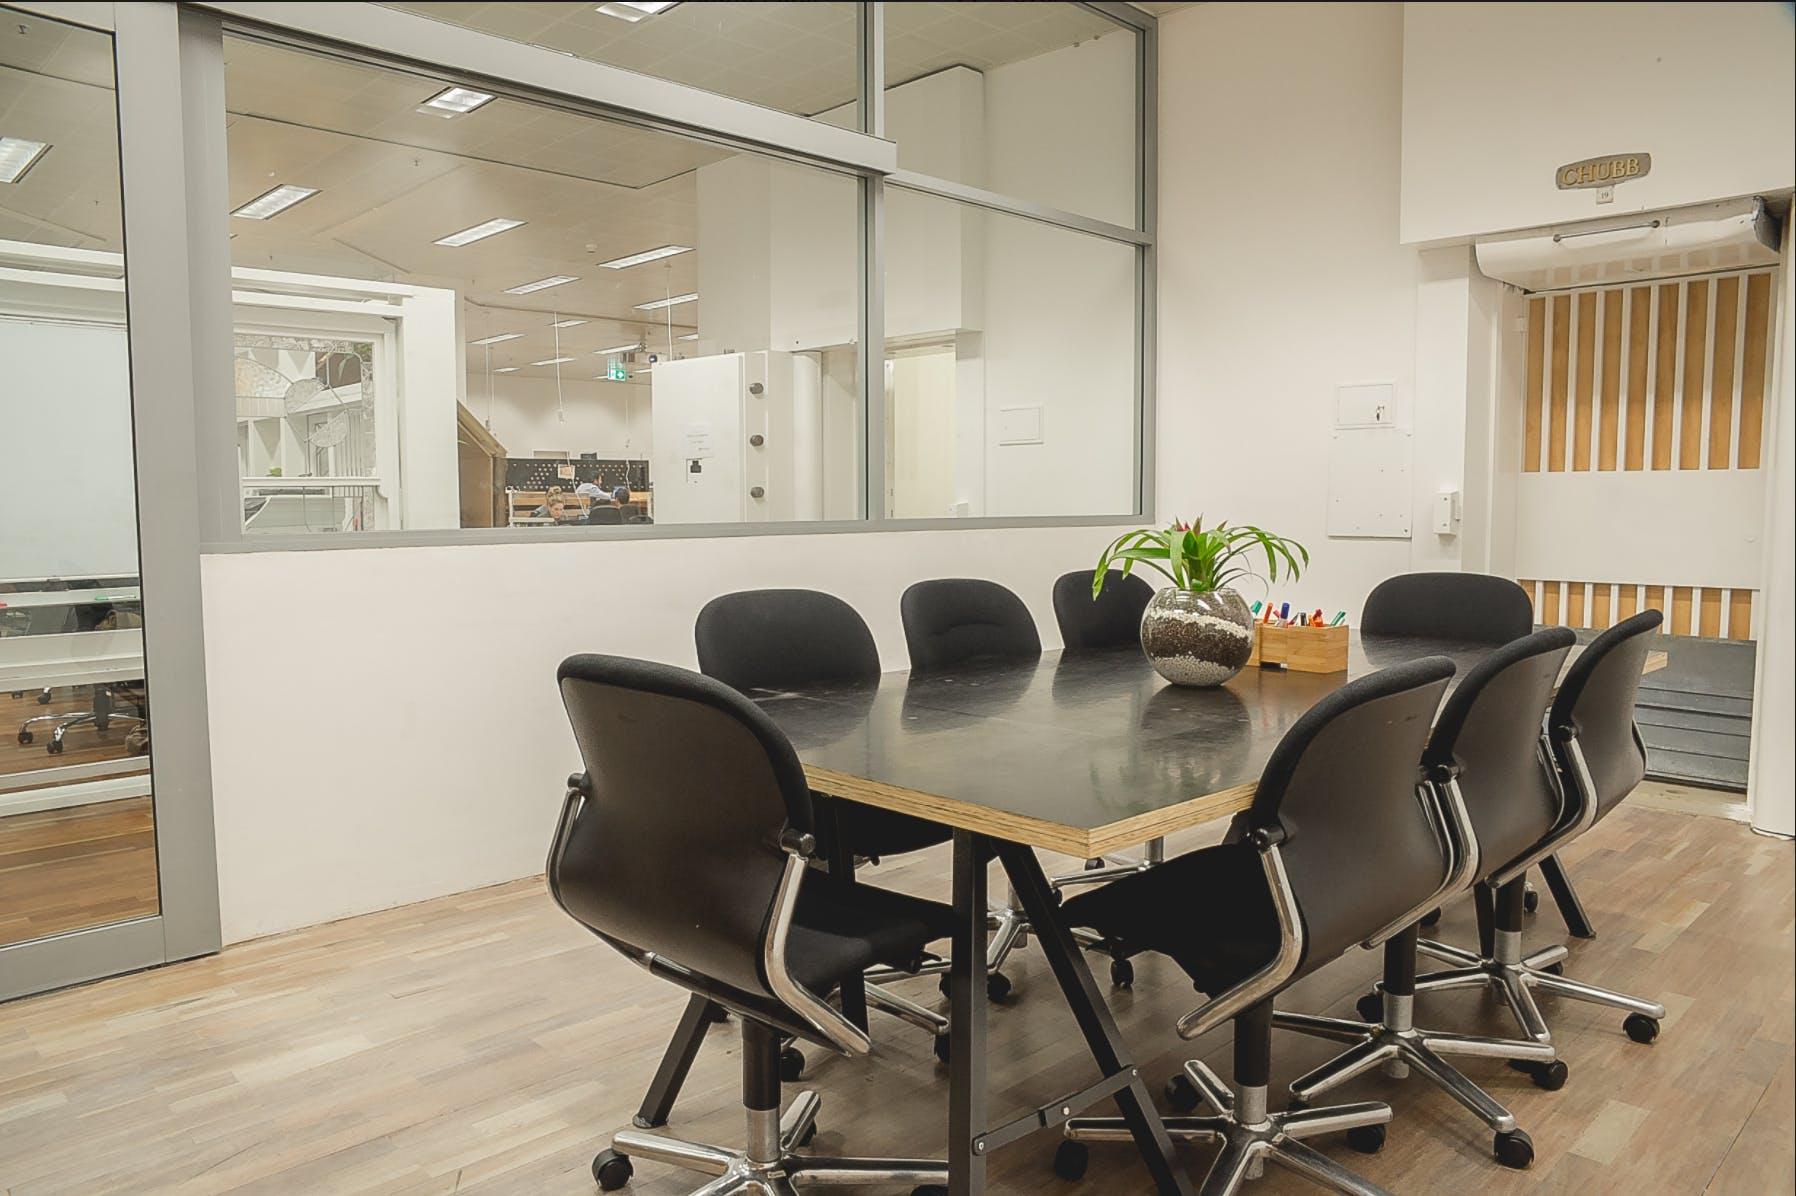 Dedicated desk at Spacecubed, image 2